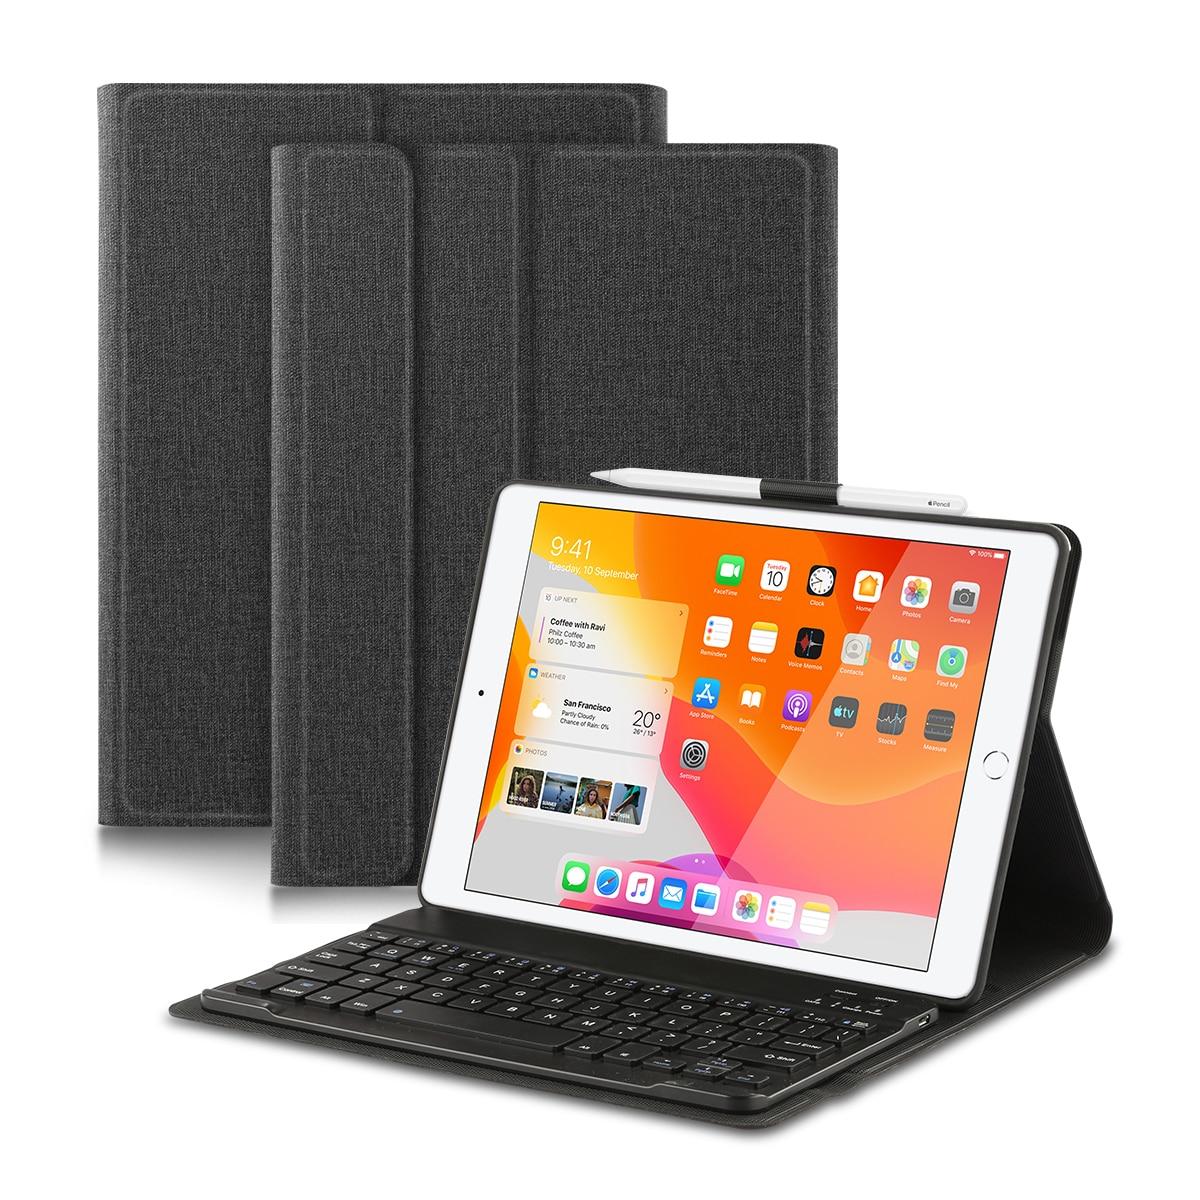 """Funda de teclado Bluetooth para iPad 10,2 """"7th Gen iPad aire 3rd Gen iPad Pro 10,5"""""""